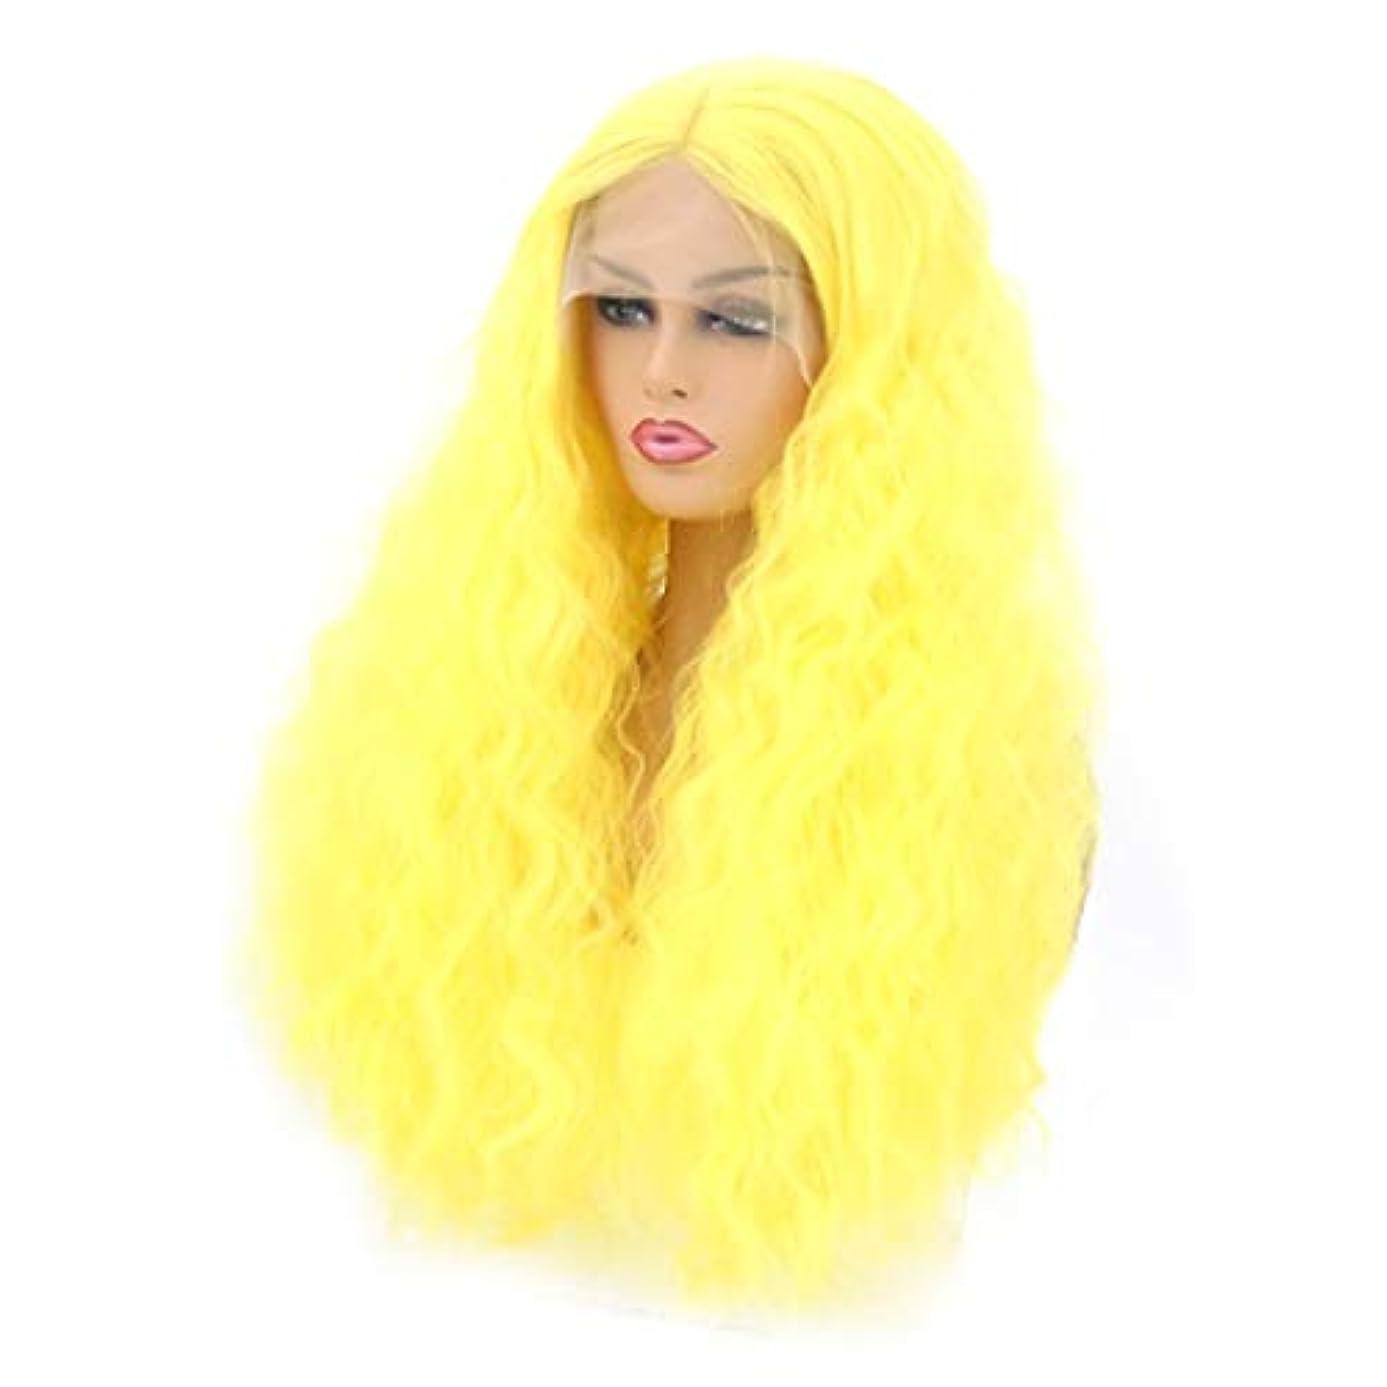 抵当ブローホール混乱Kerwinner 本物の髪として自然な女性のための長い巻き毛の波状のかつら合成のカラフルなコスプレデイリーパーティーウィッグ (Size : 26 inches)